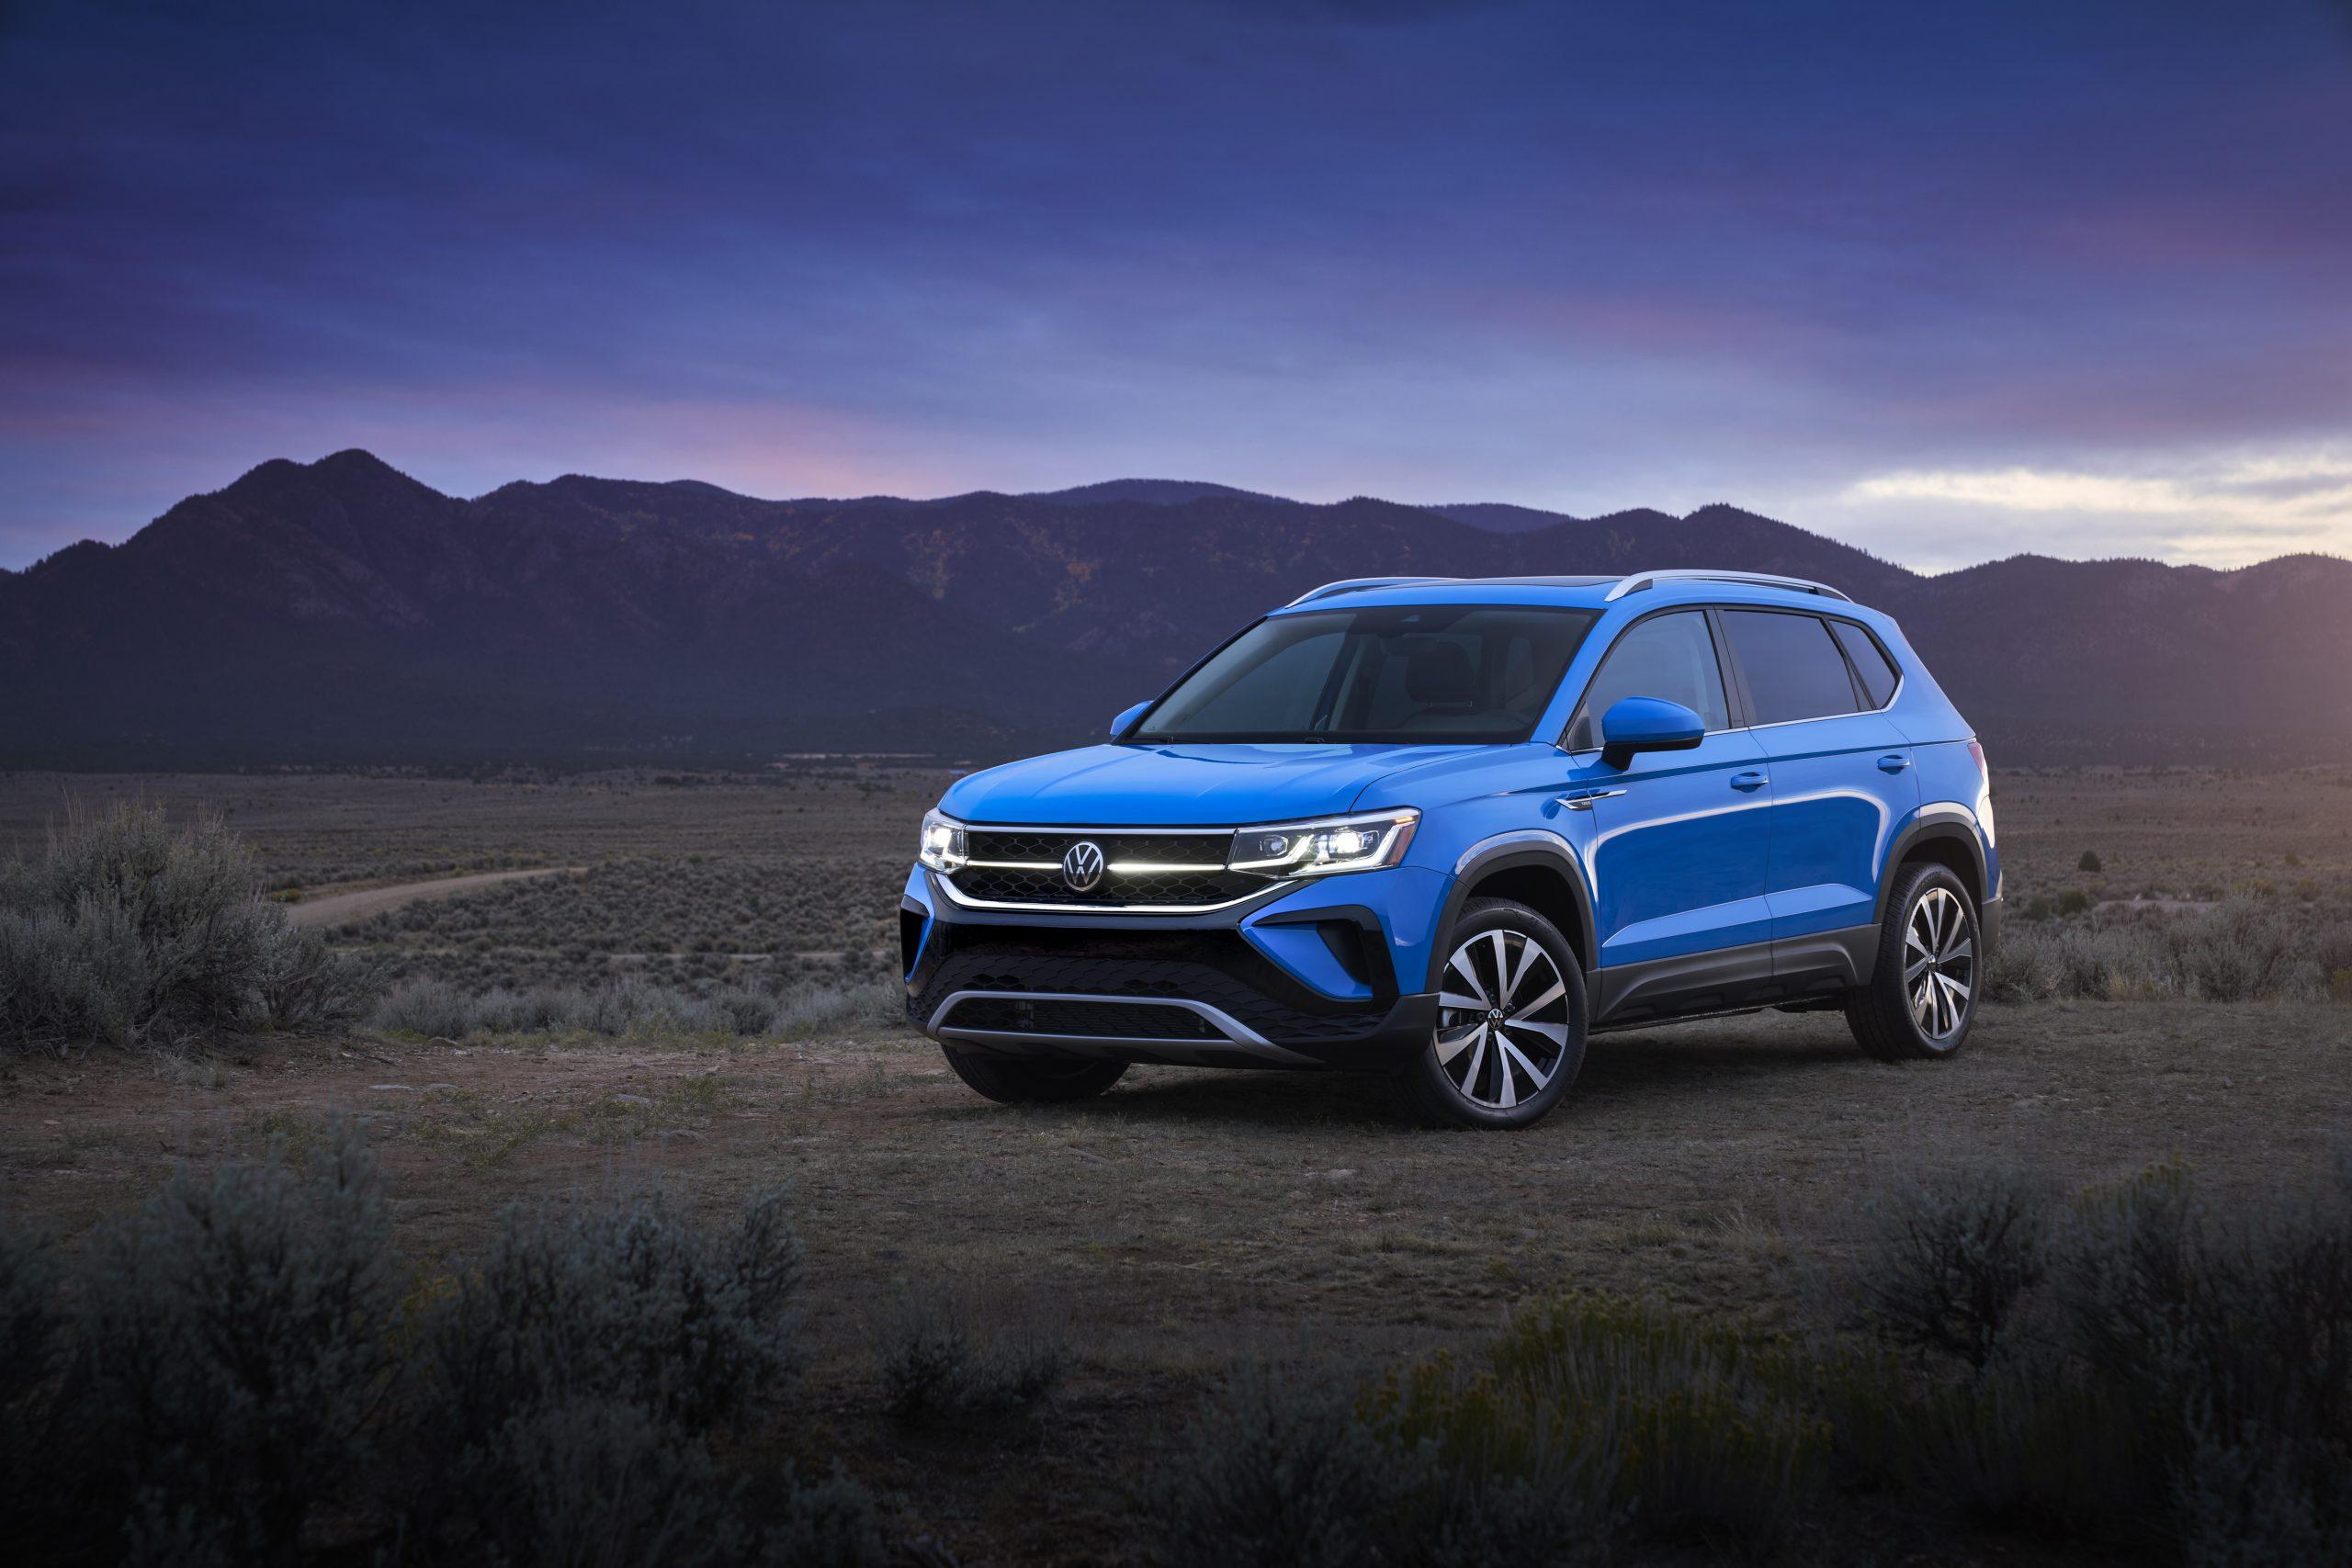 2022 Volkswagen Taos hero front three quarter